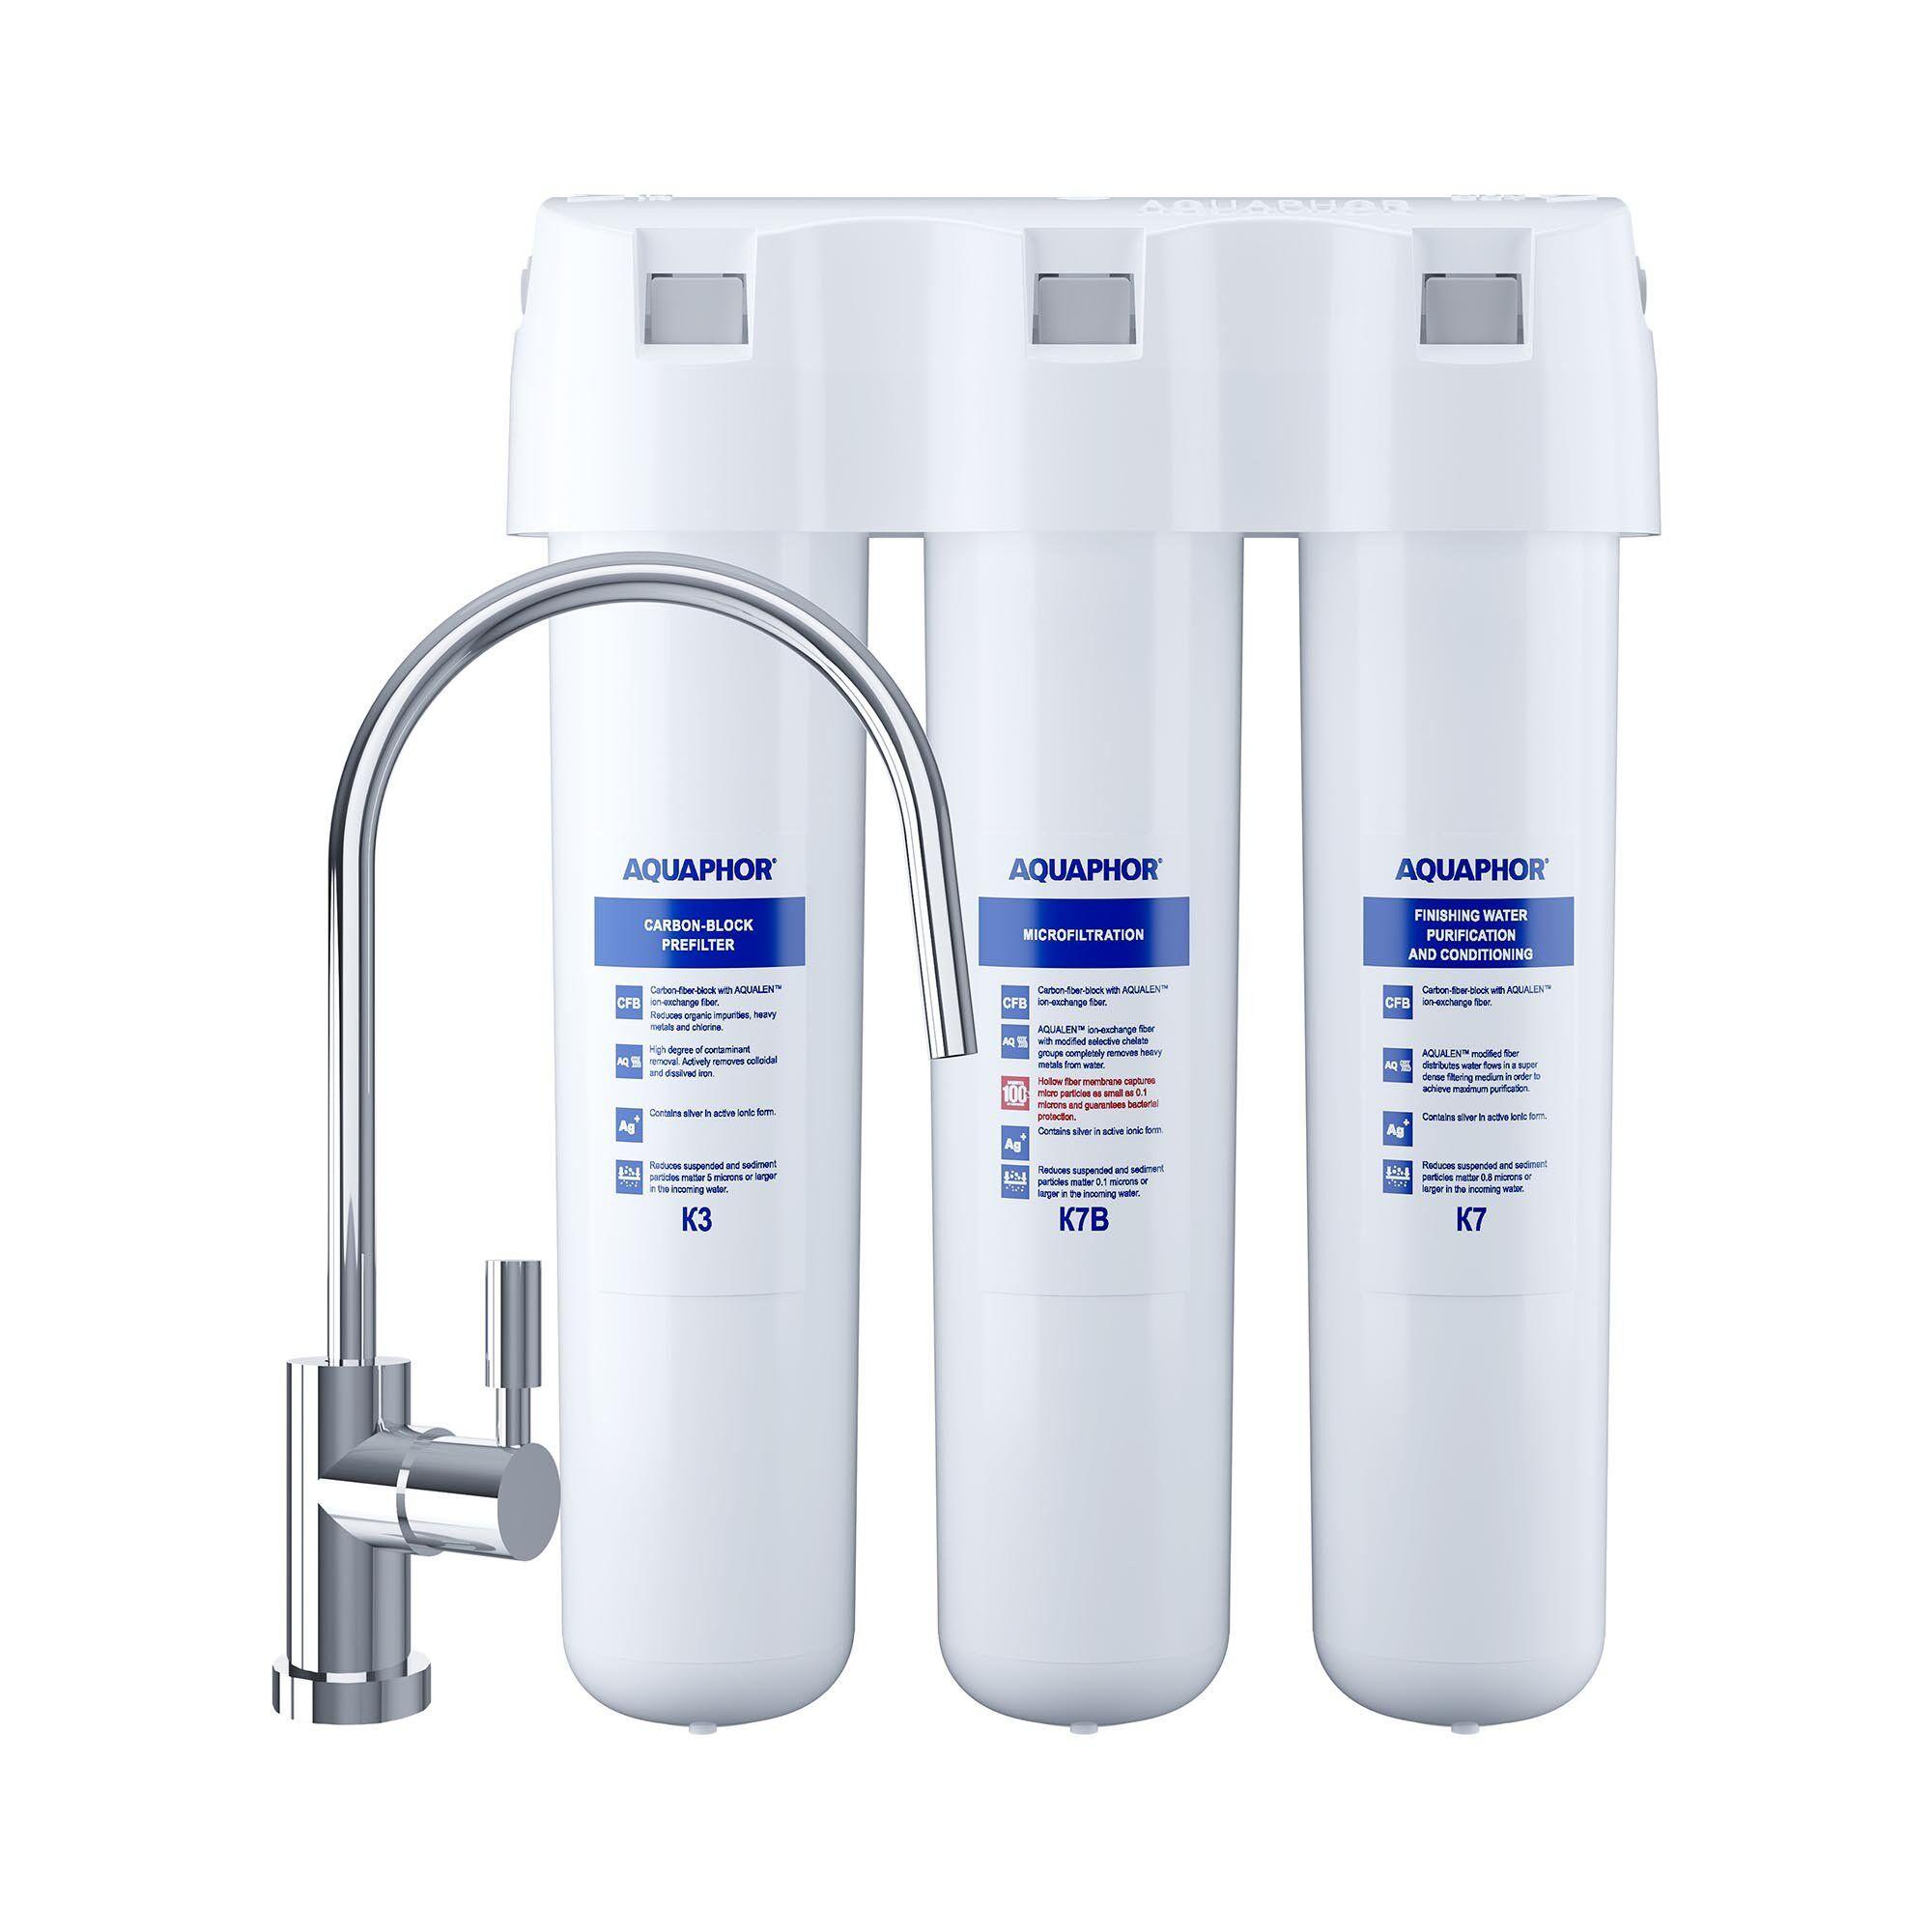 Aquaphor Filtre sous évier Aquaphor - Système de filtration d'eau à charbon actif - 3 étapes - 2,5 l/min - Avec robinet CRYSTAL B ECO